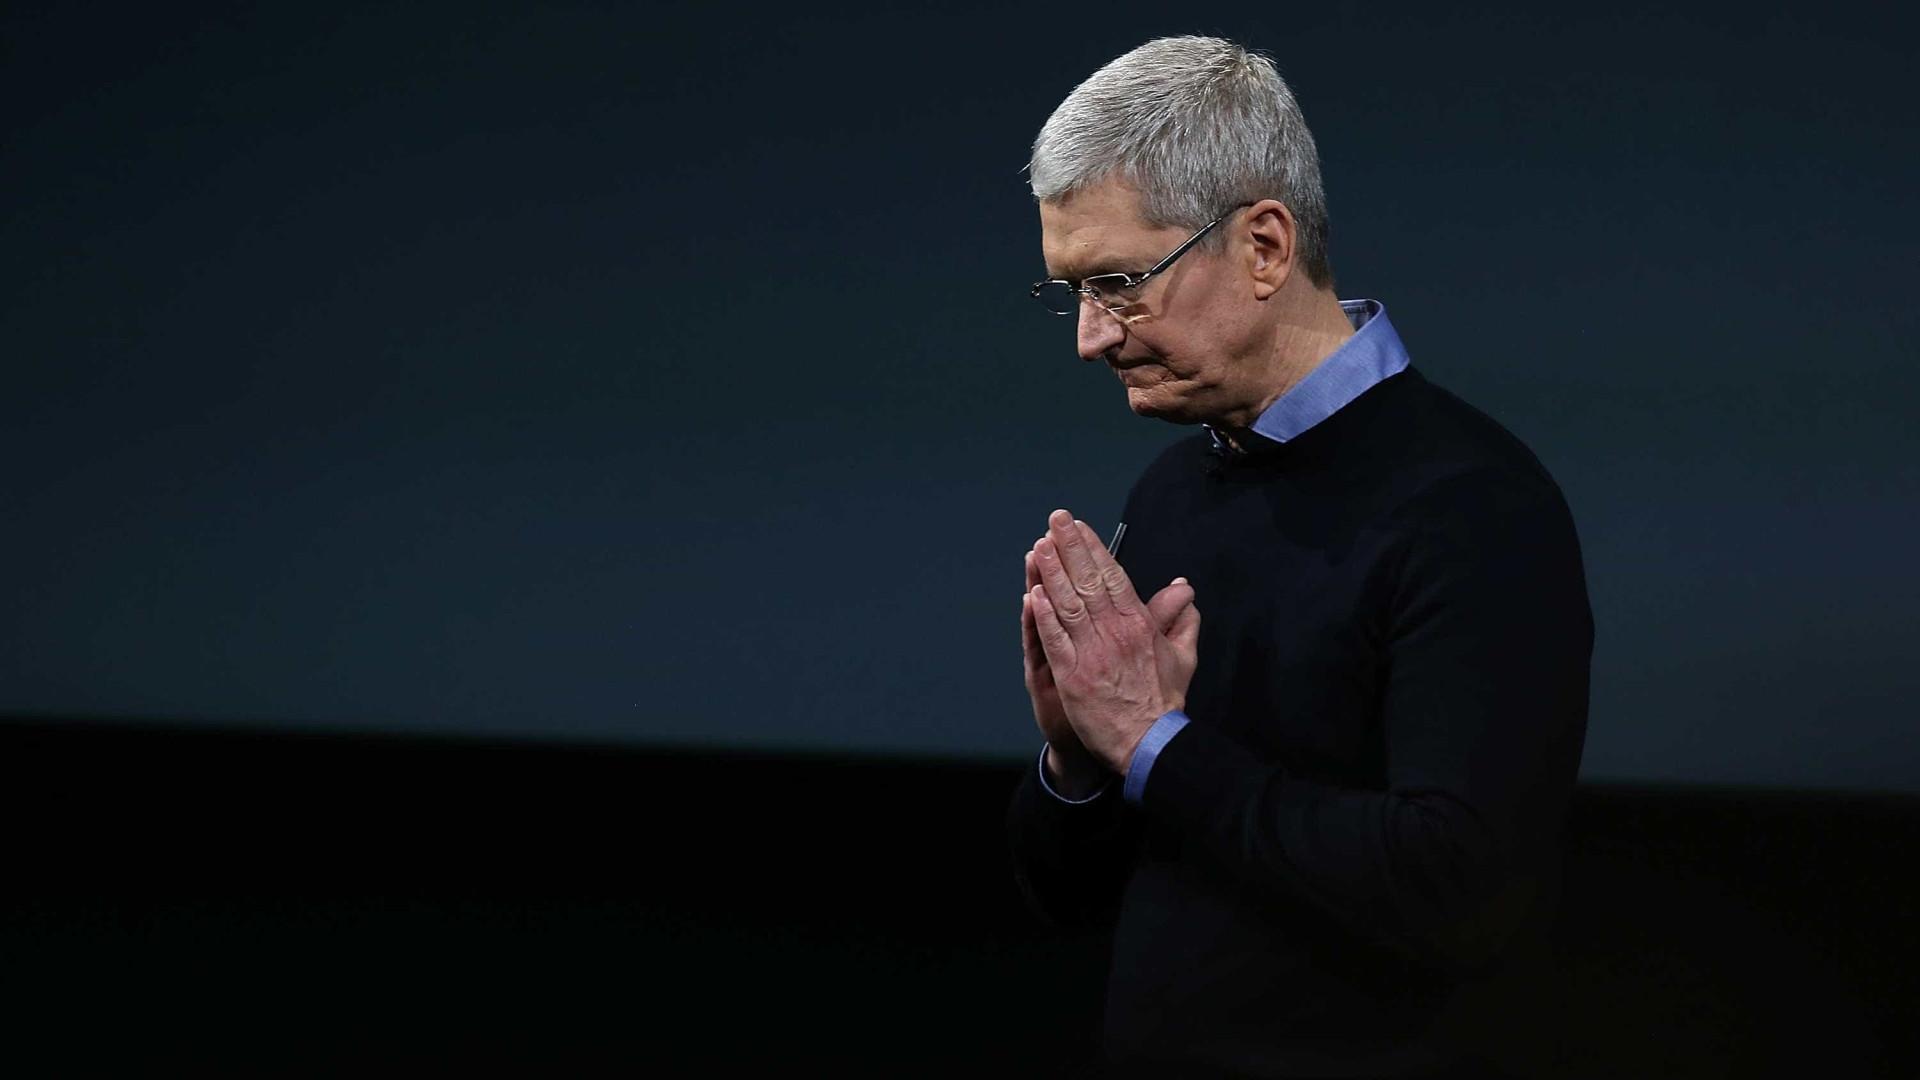 iPhone X produzido em condições ilegais por estudantes. Apple confirma